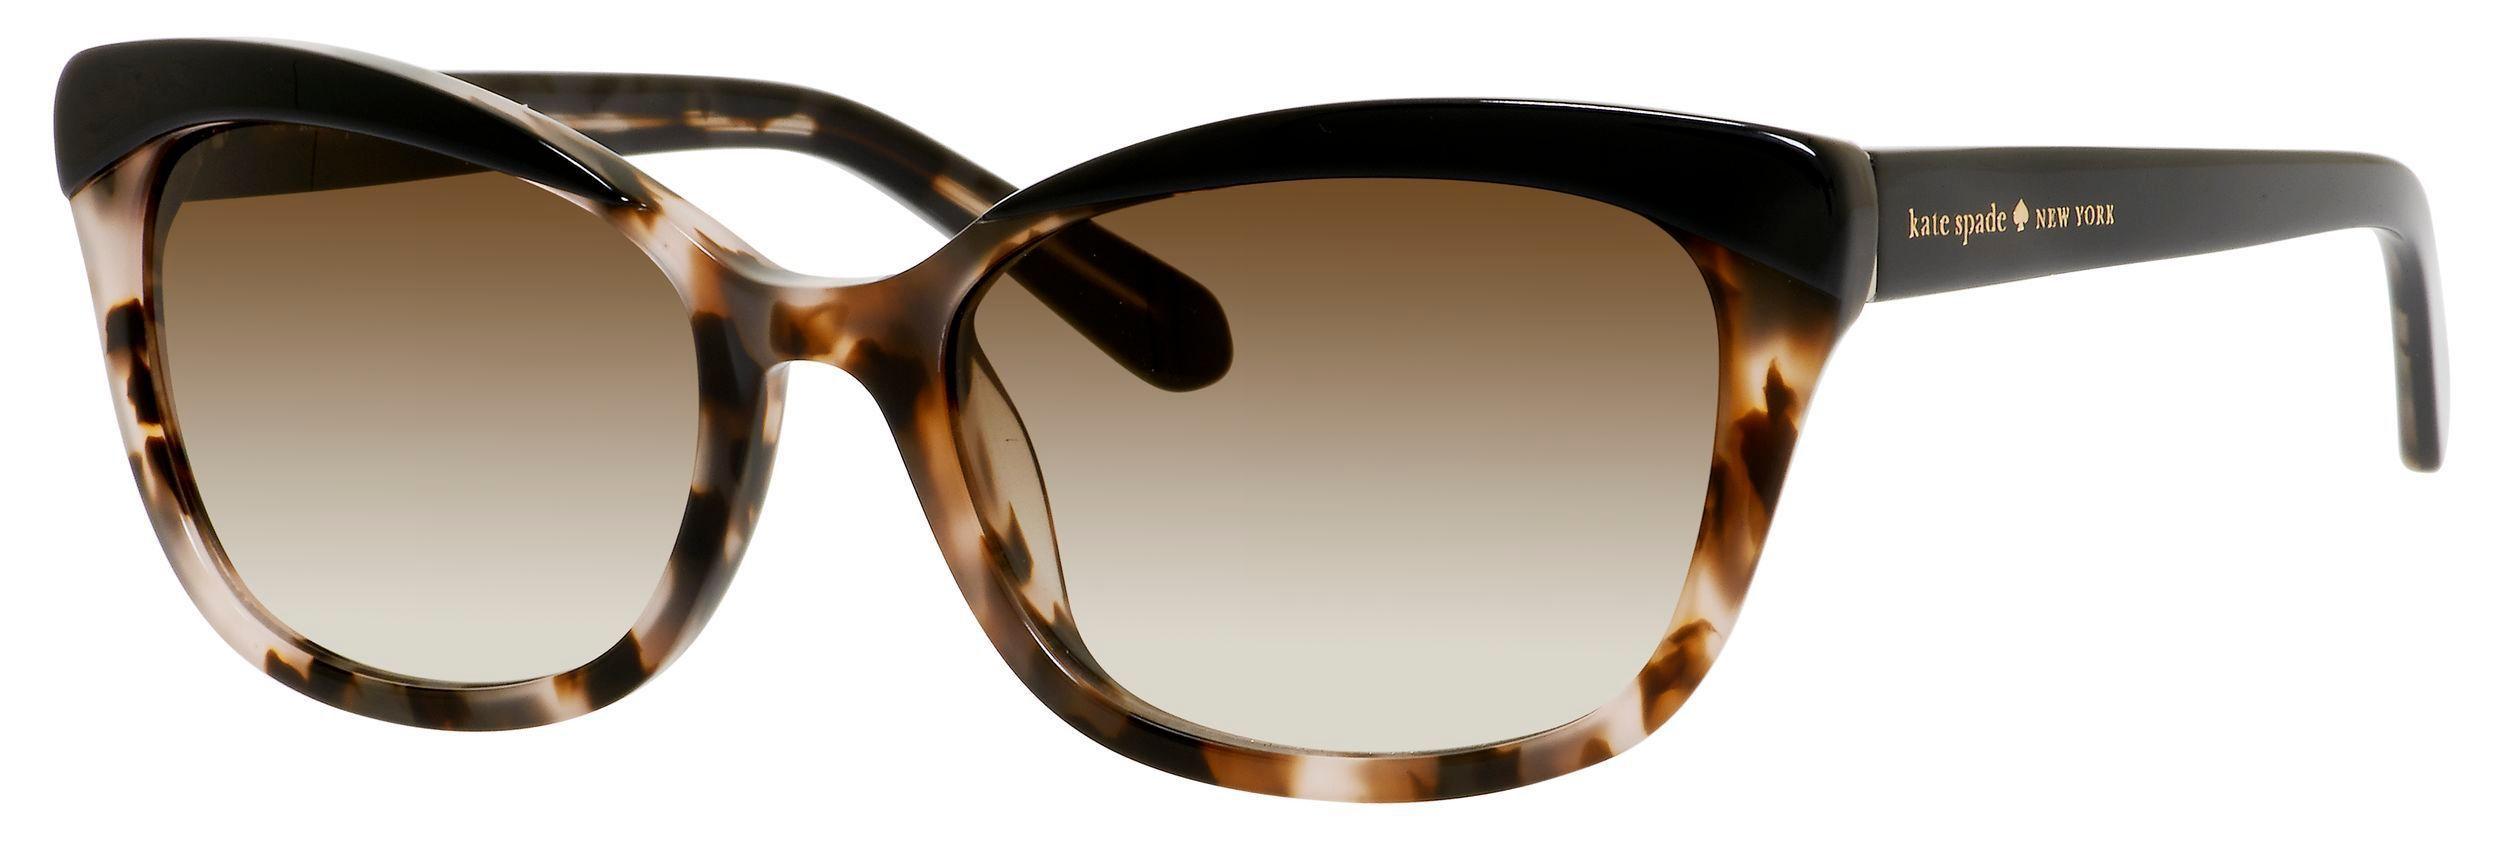 Kate Spade sunglasses AMARA/S